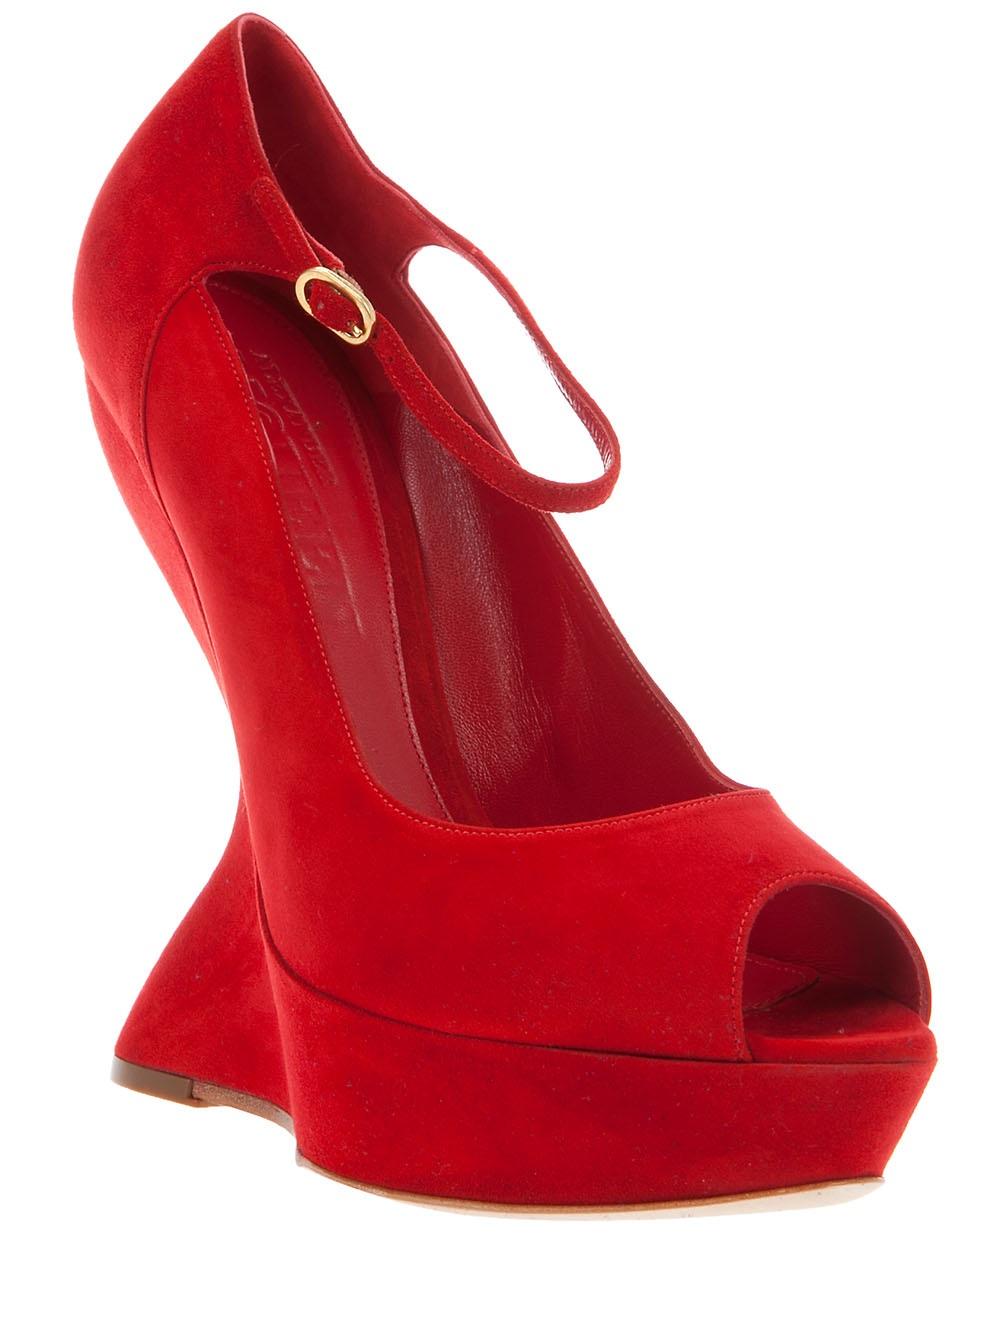 mcqueen velour curved wedge heels in lyst